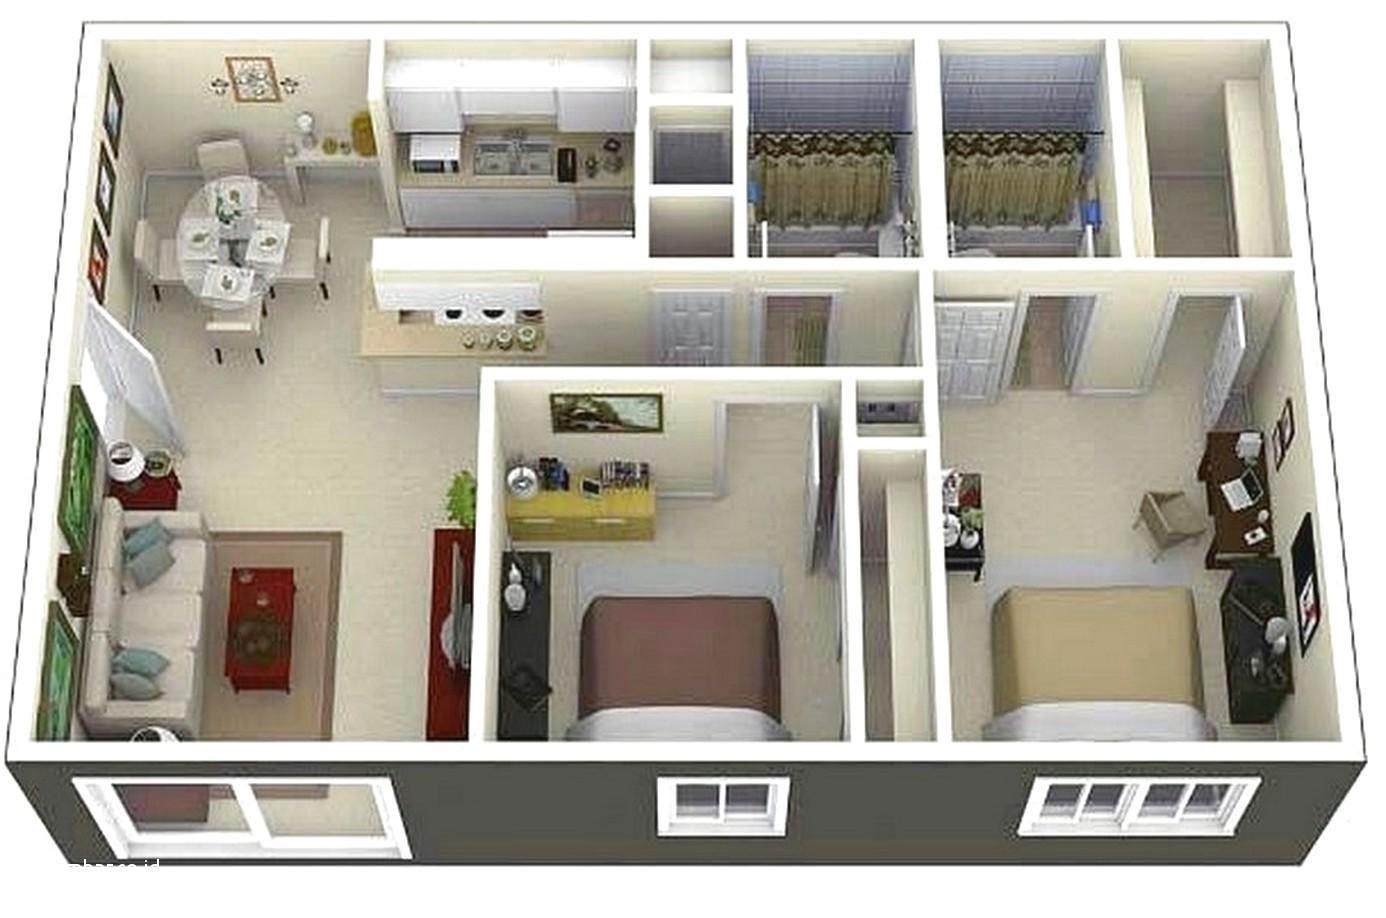 12 denah rumah sederhana 2 kamar tidur | model rumah minimalis terbaru